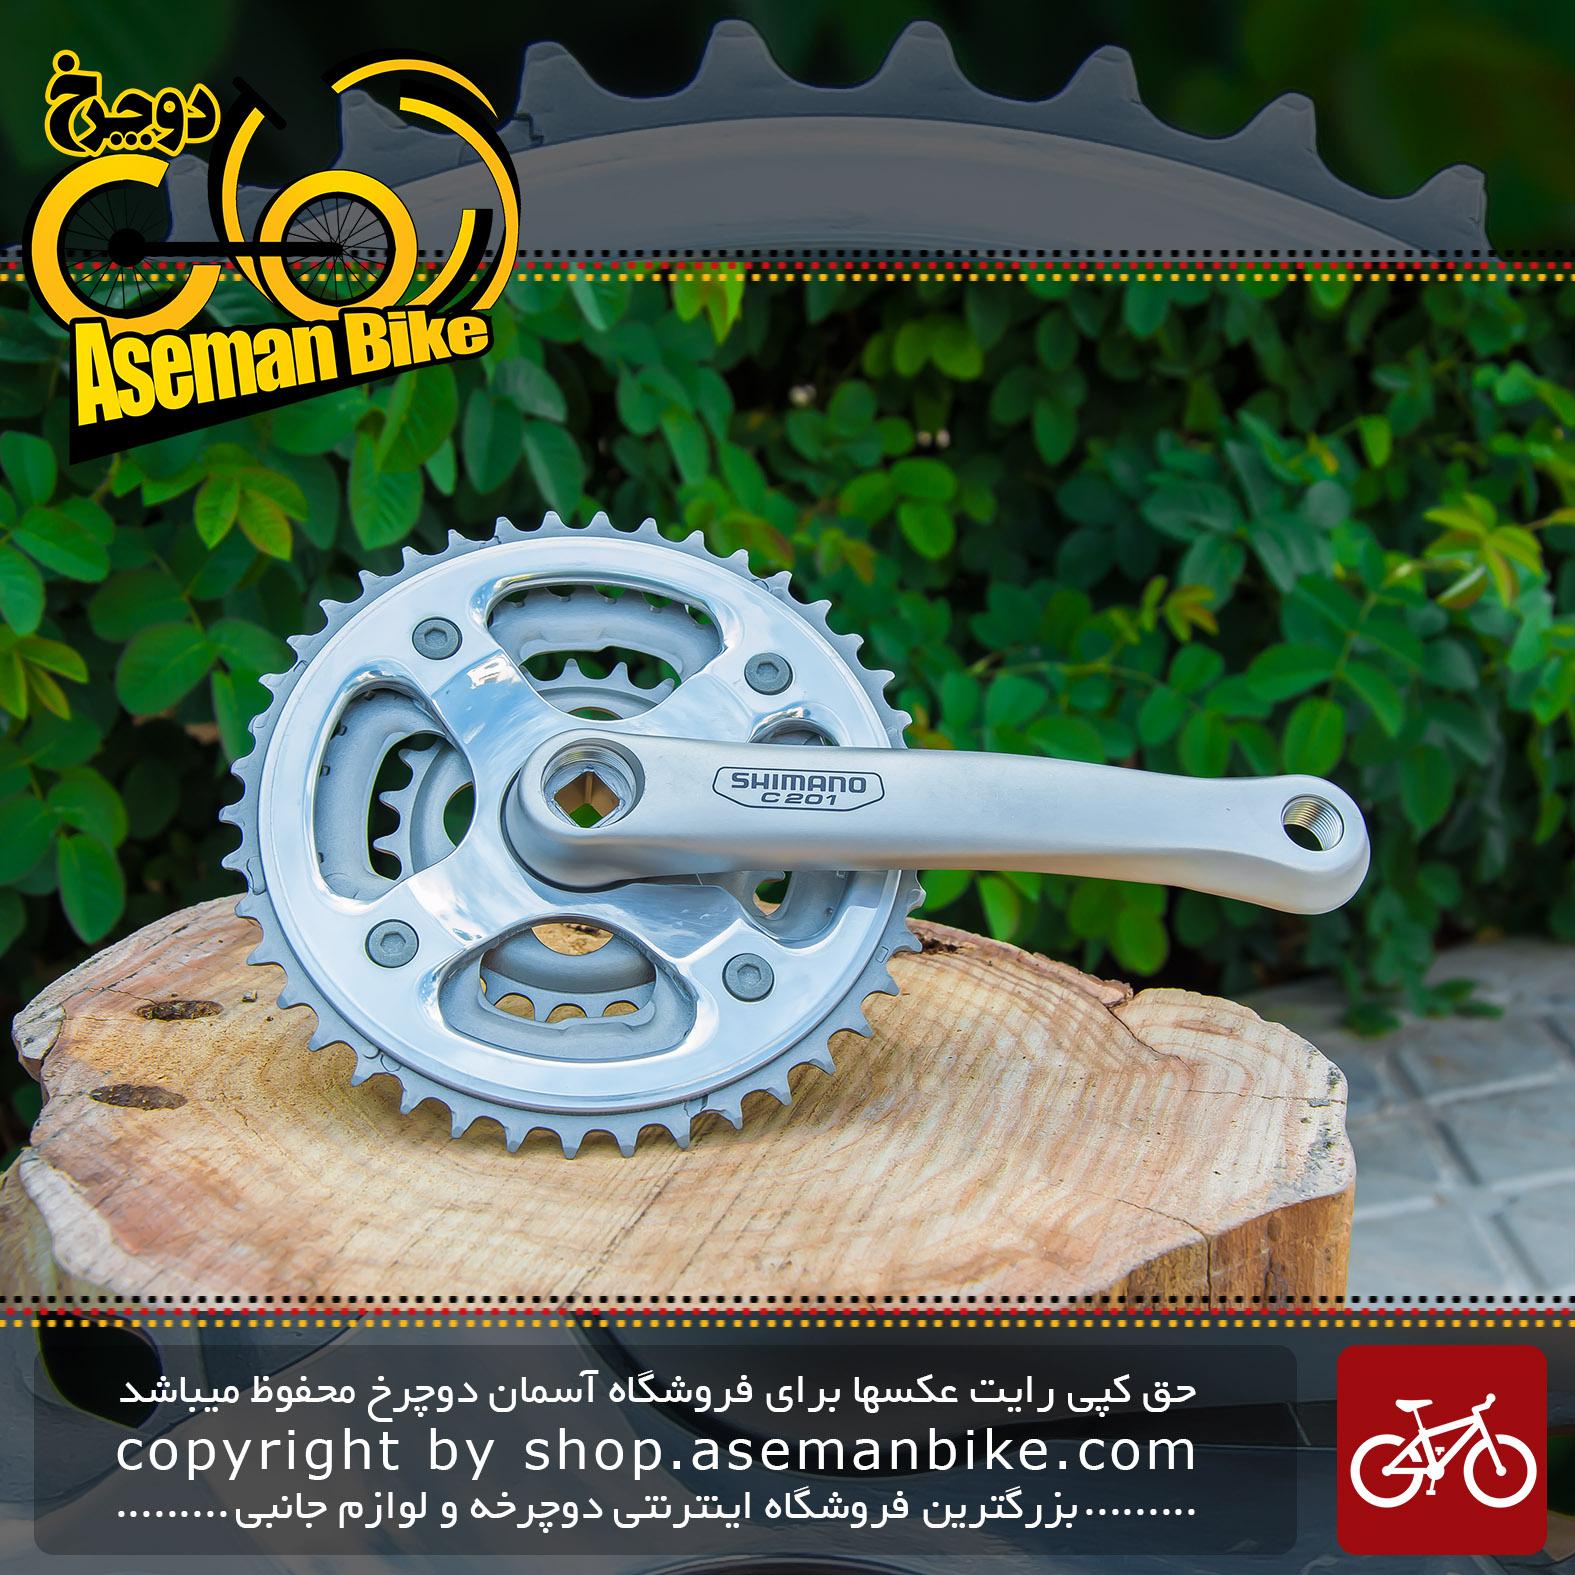 طبق قامه دوچرخه شیمانو سی201 Shimano Crankset C201